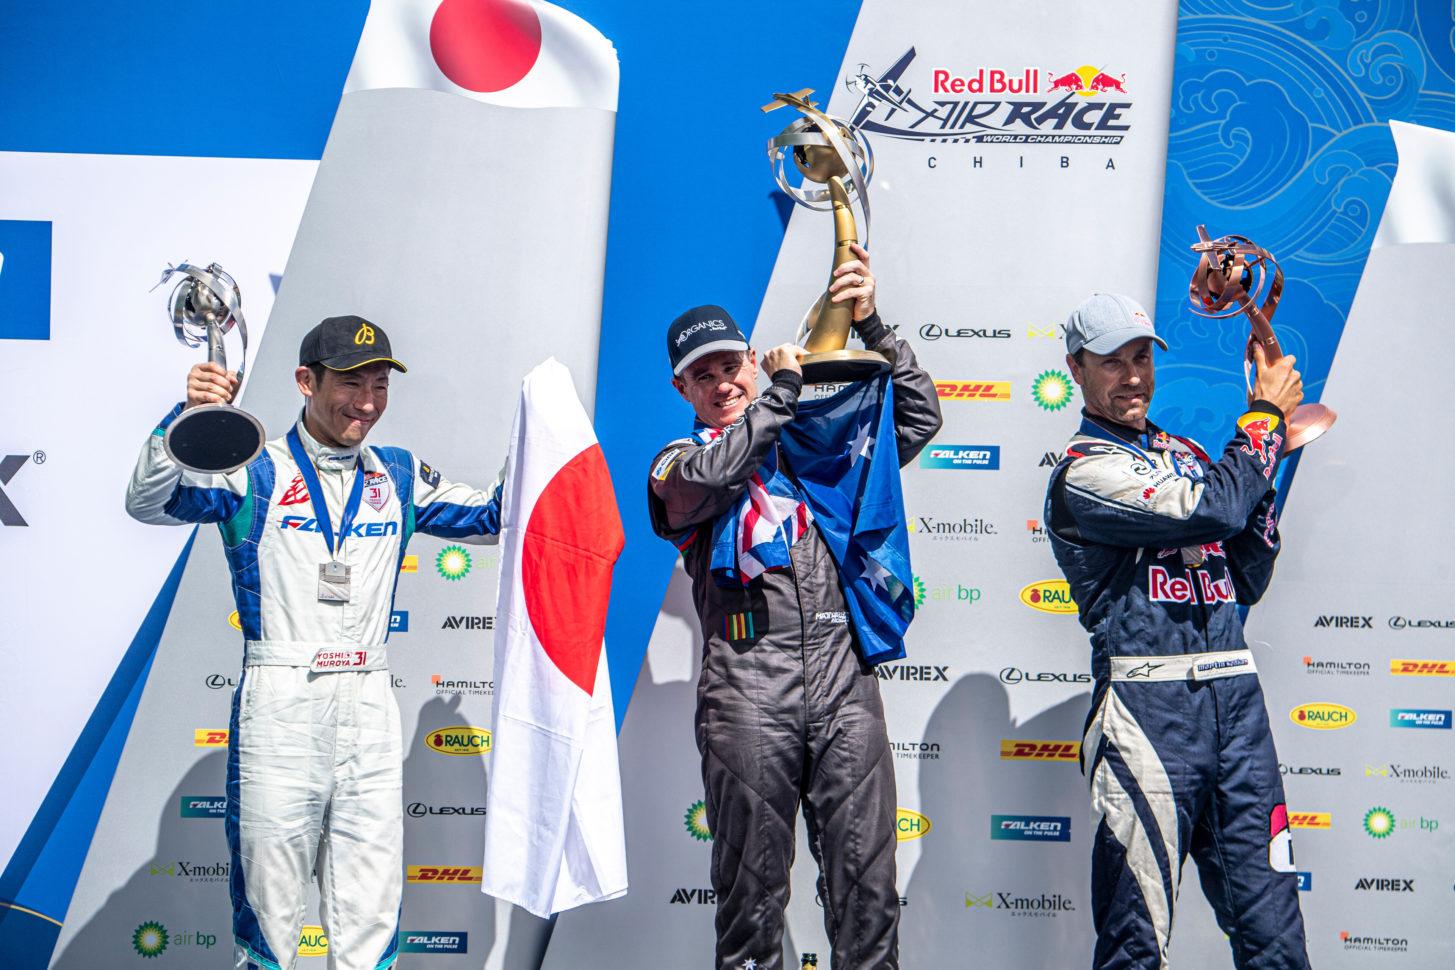 Matt Hall aus Australien feiert mit Yoshihide Muroya aus Japan und Martin Sonka aus der Tschechischen Republik während der Preisverleihung bei der vierten Runde der Red Bull Air Race-Weltmeisterschaft im September in Chiba, Japan 8, 2019.